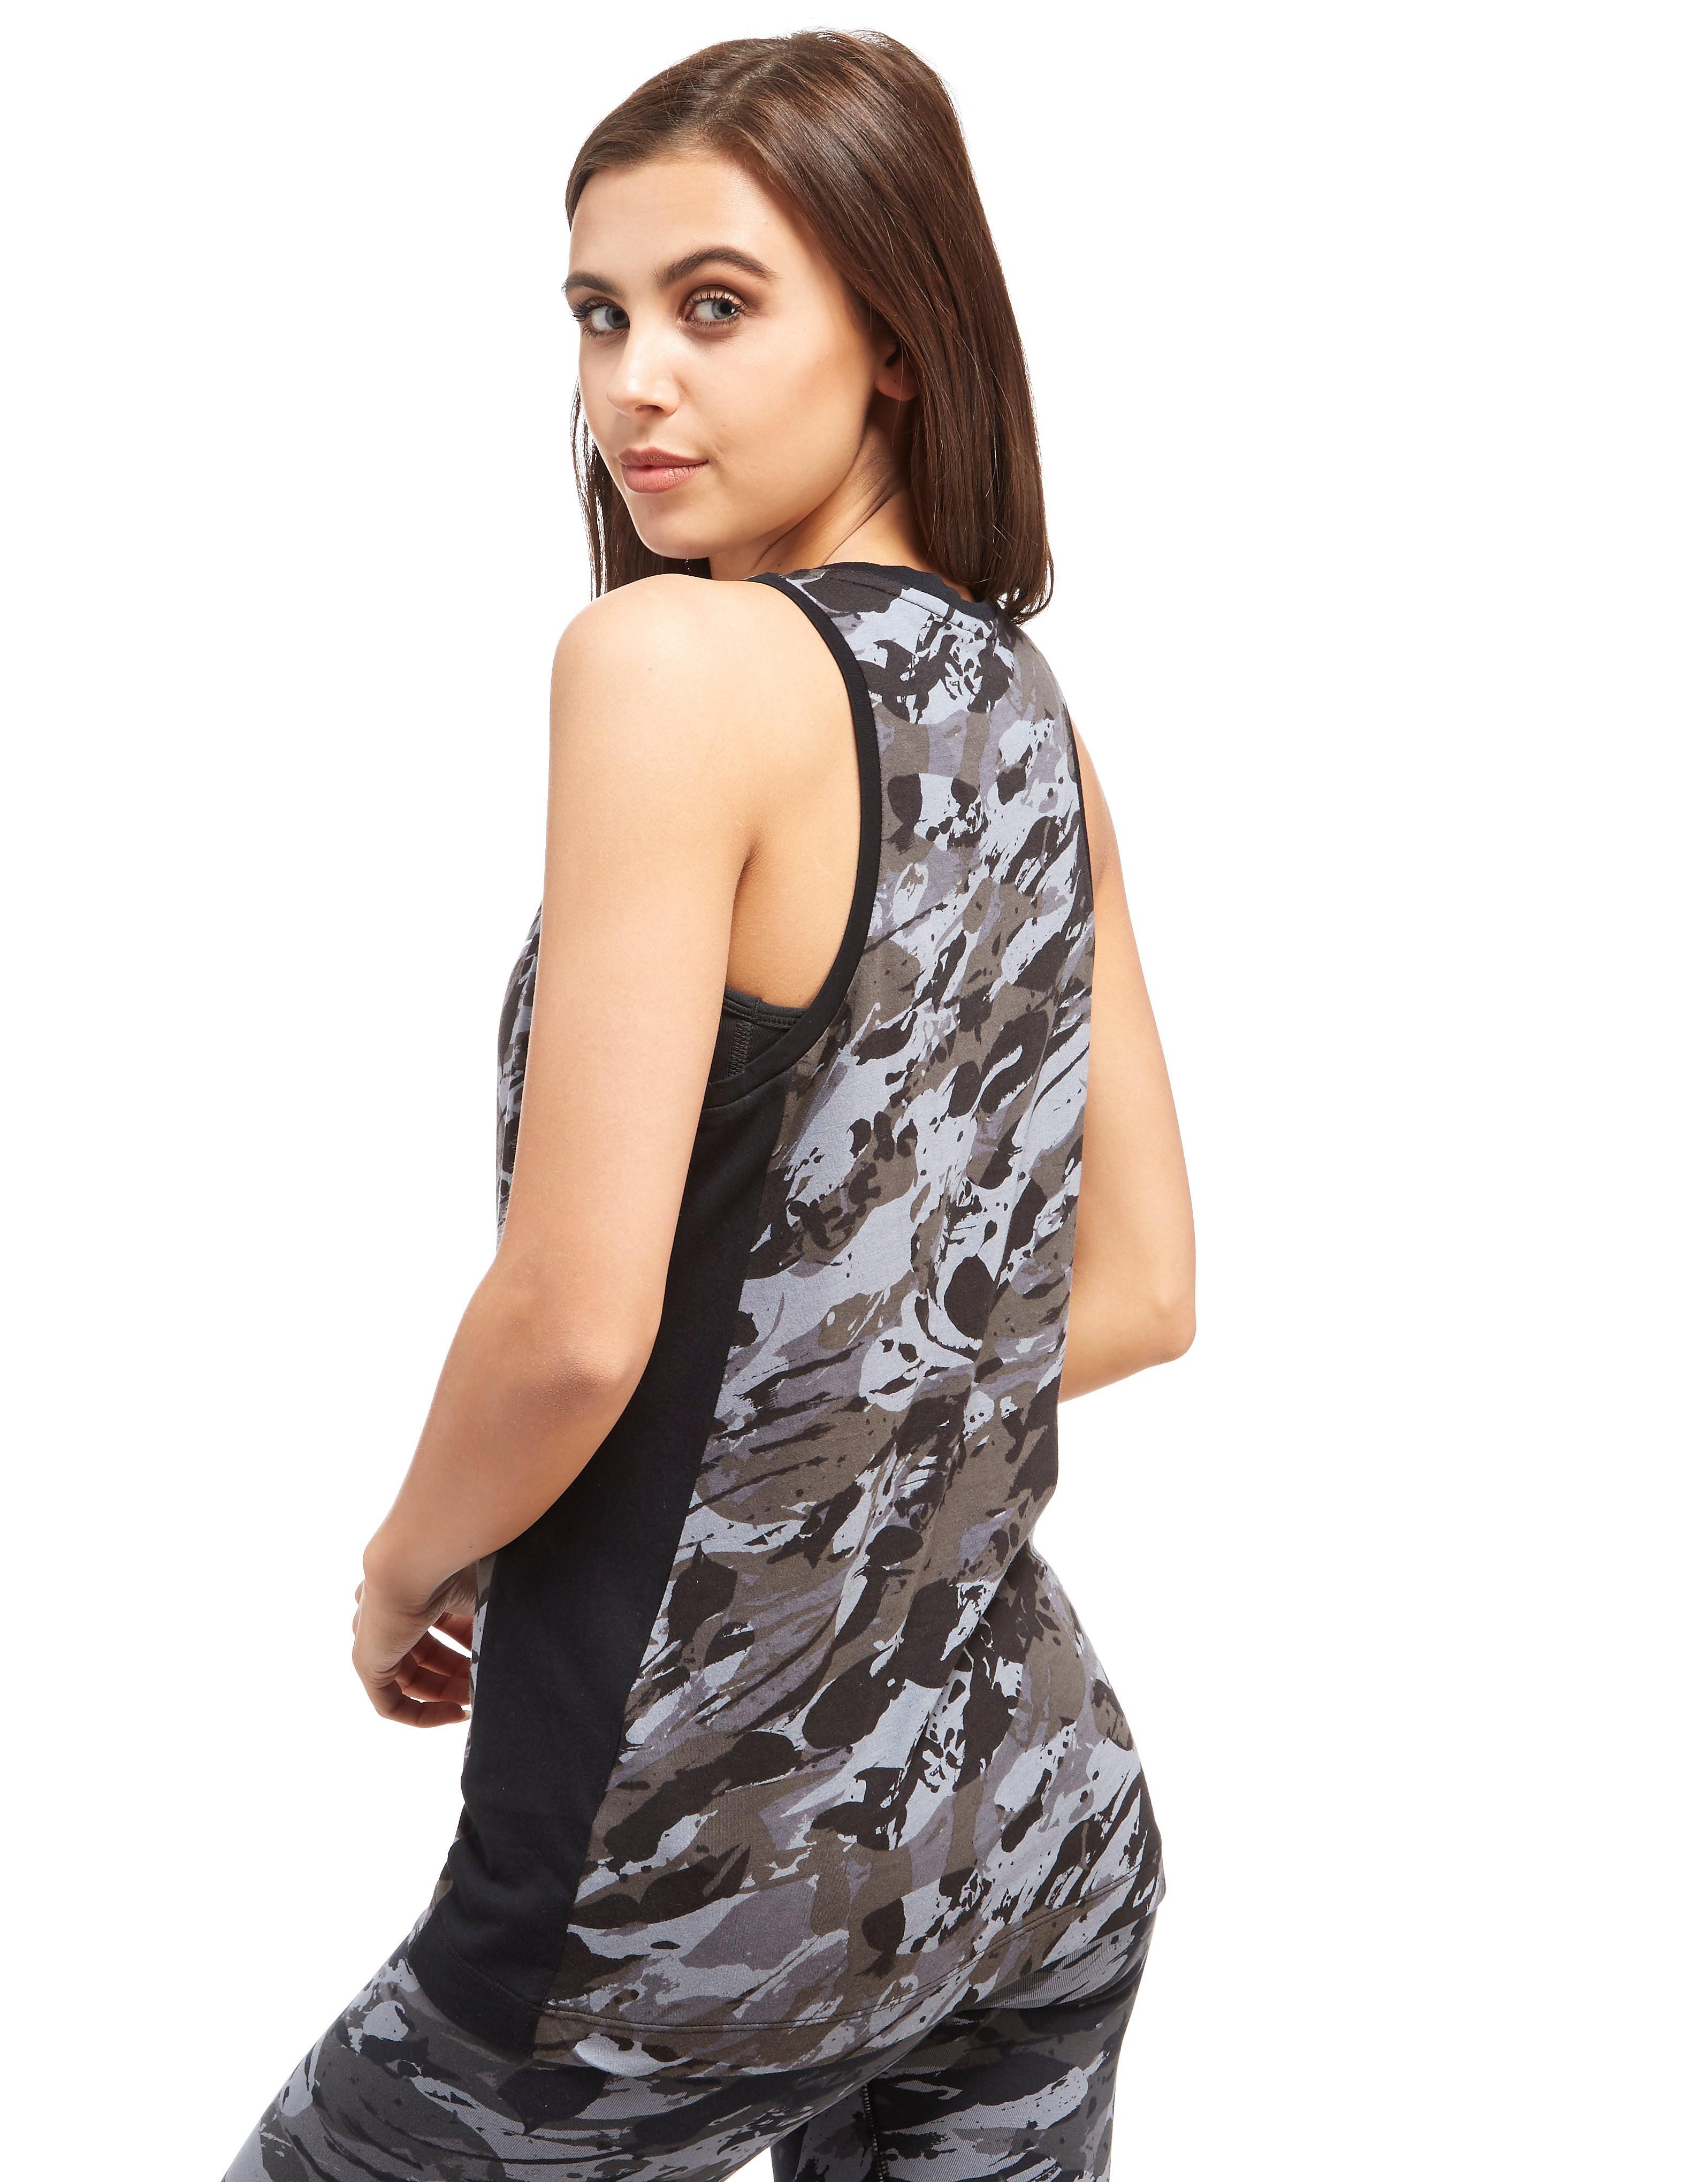 Nike Rock Printed Vest